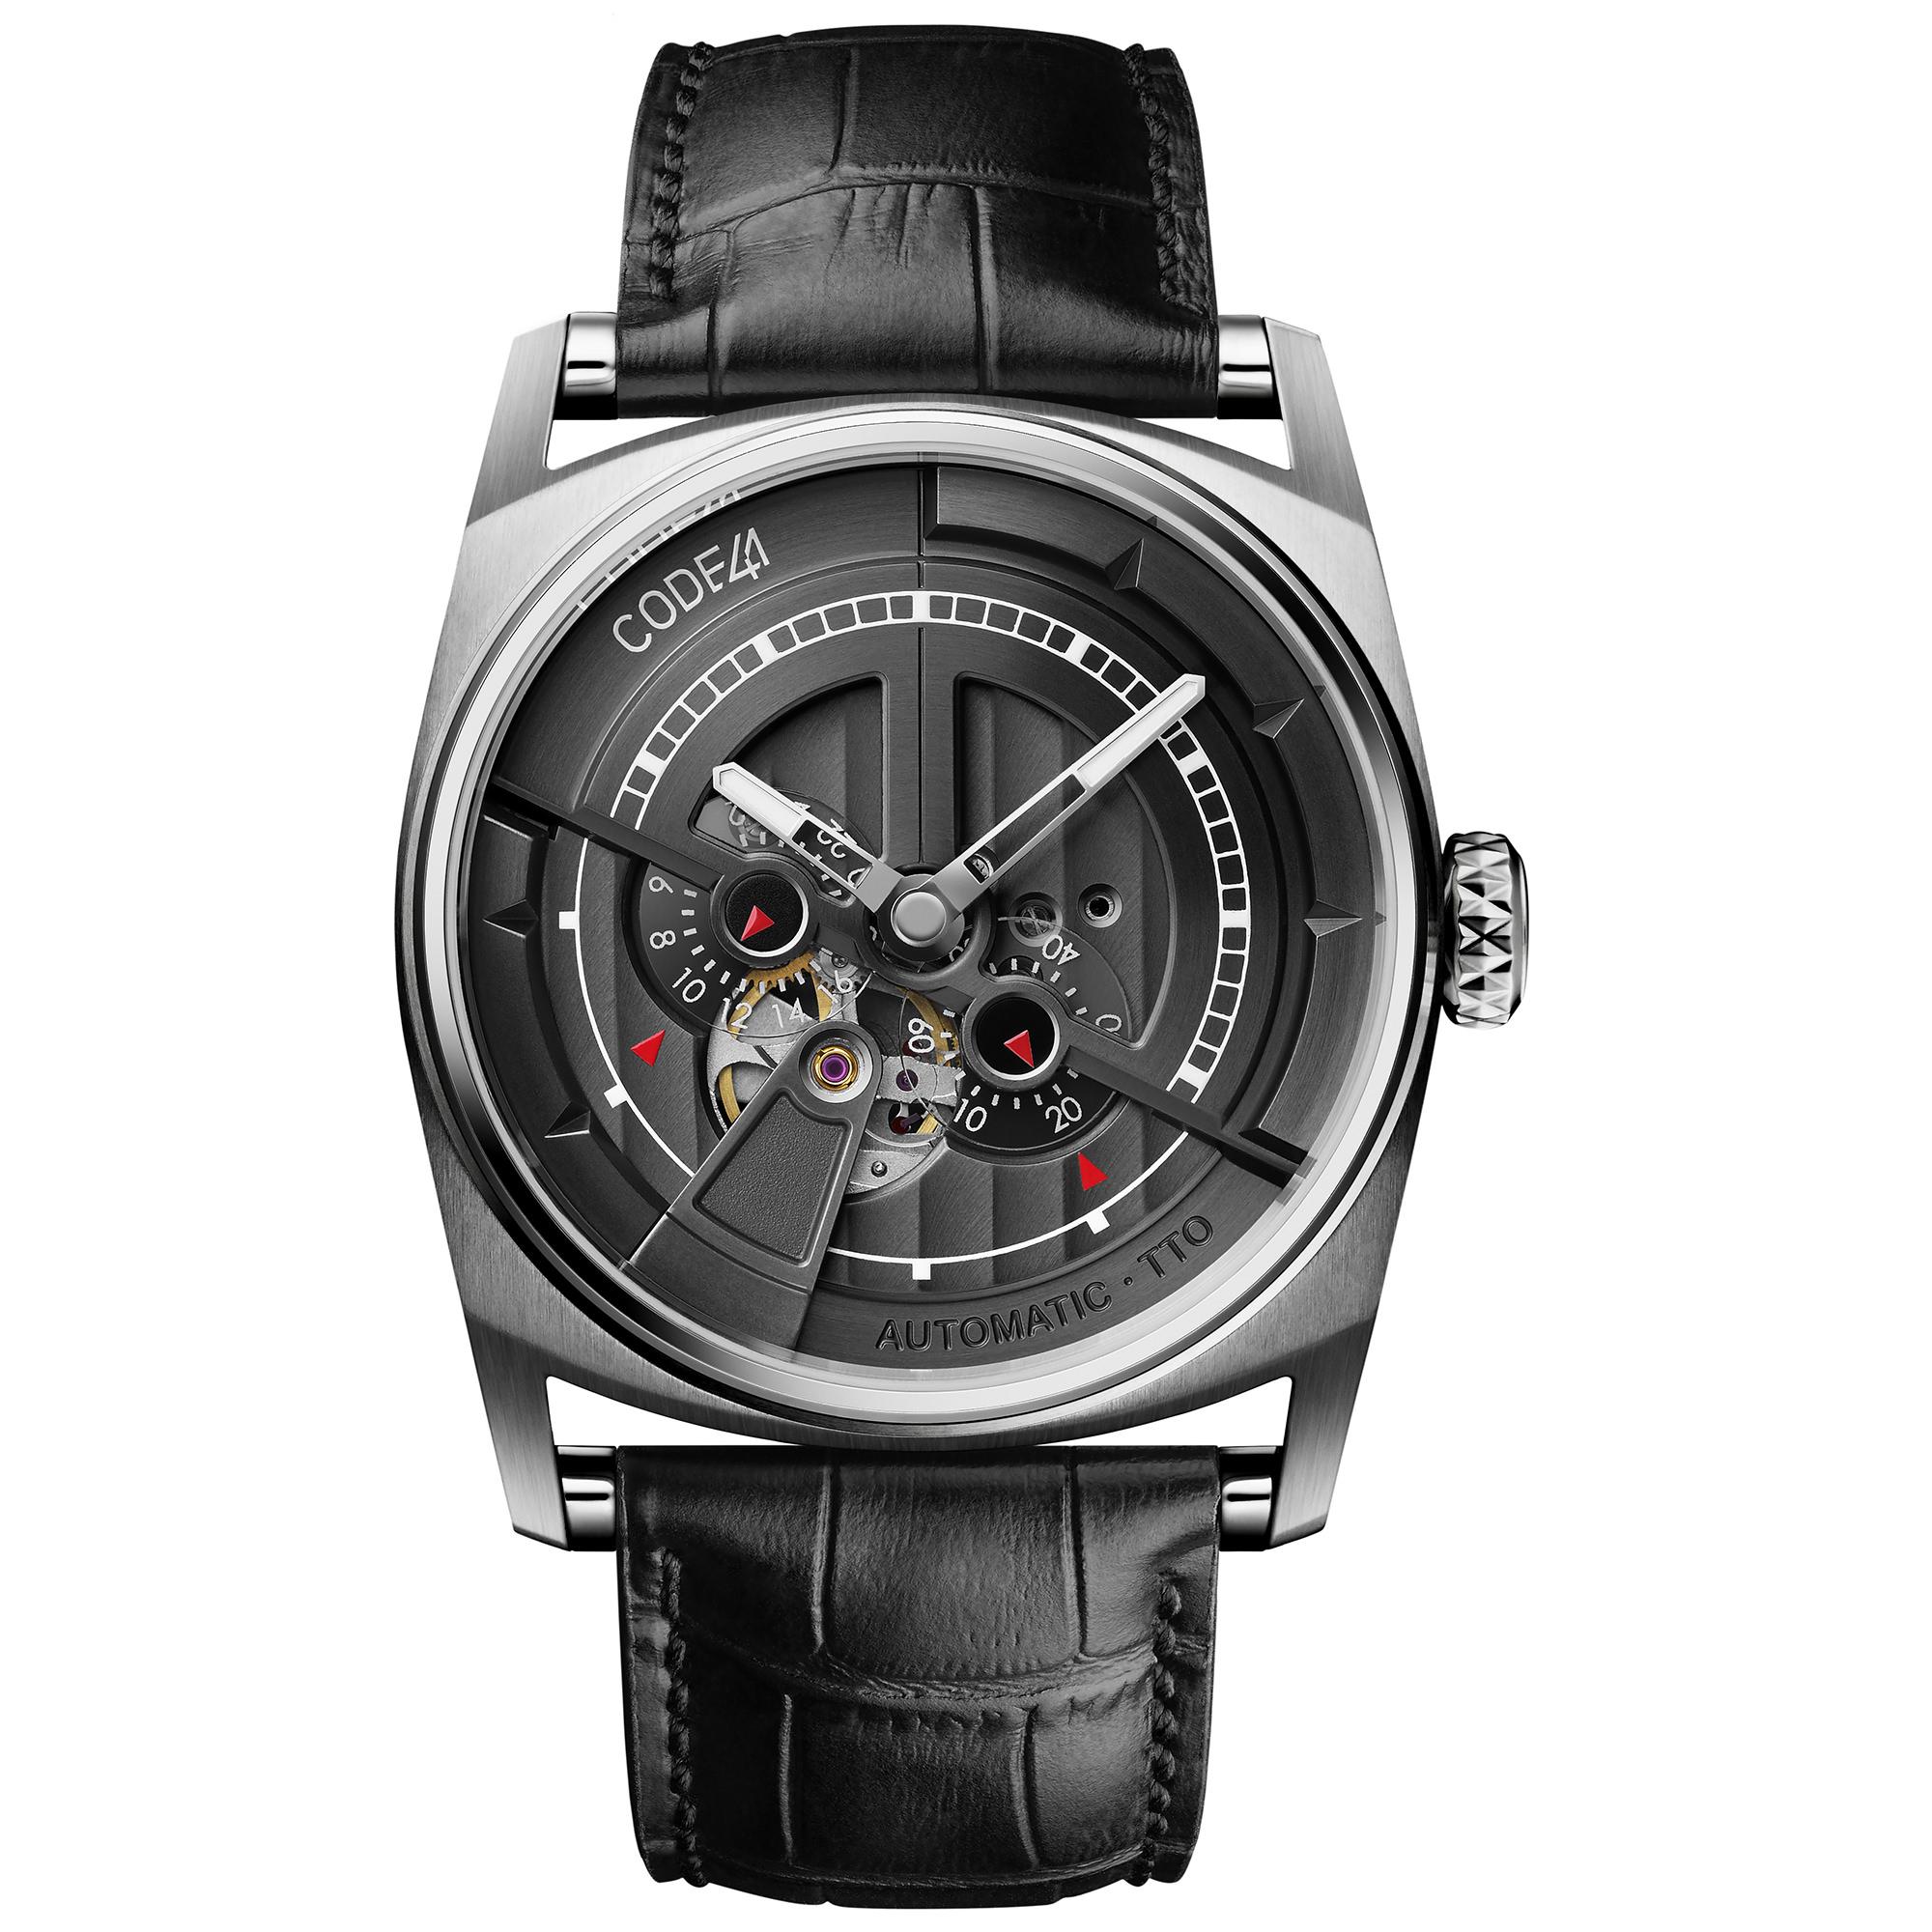 Montre CODE41 Anomaly-01 en acier sur bracelet cuir noir